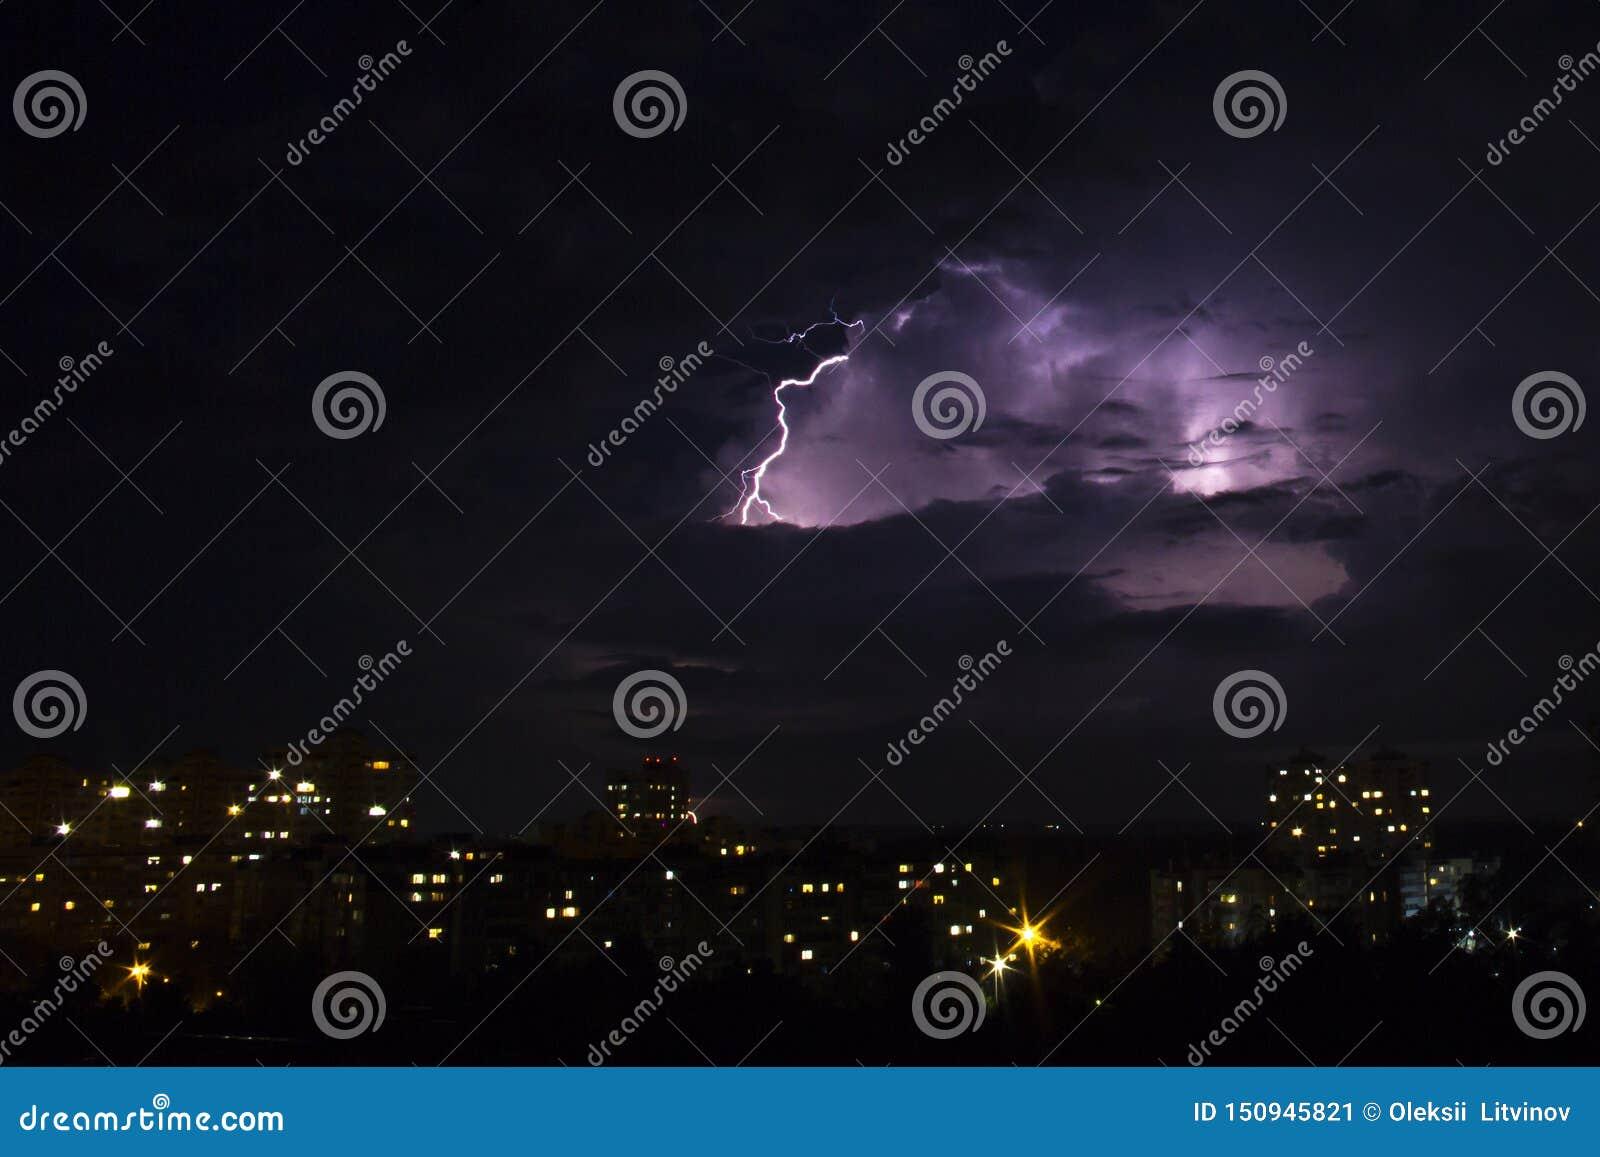 Blixtslag över stad i natt thunderstorm